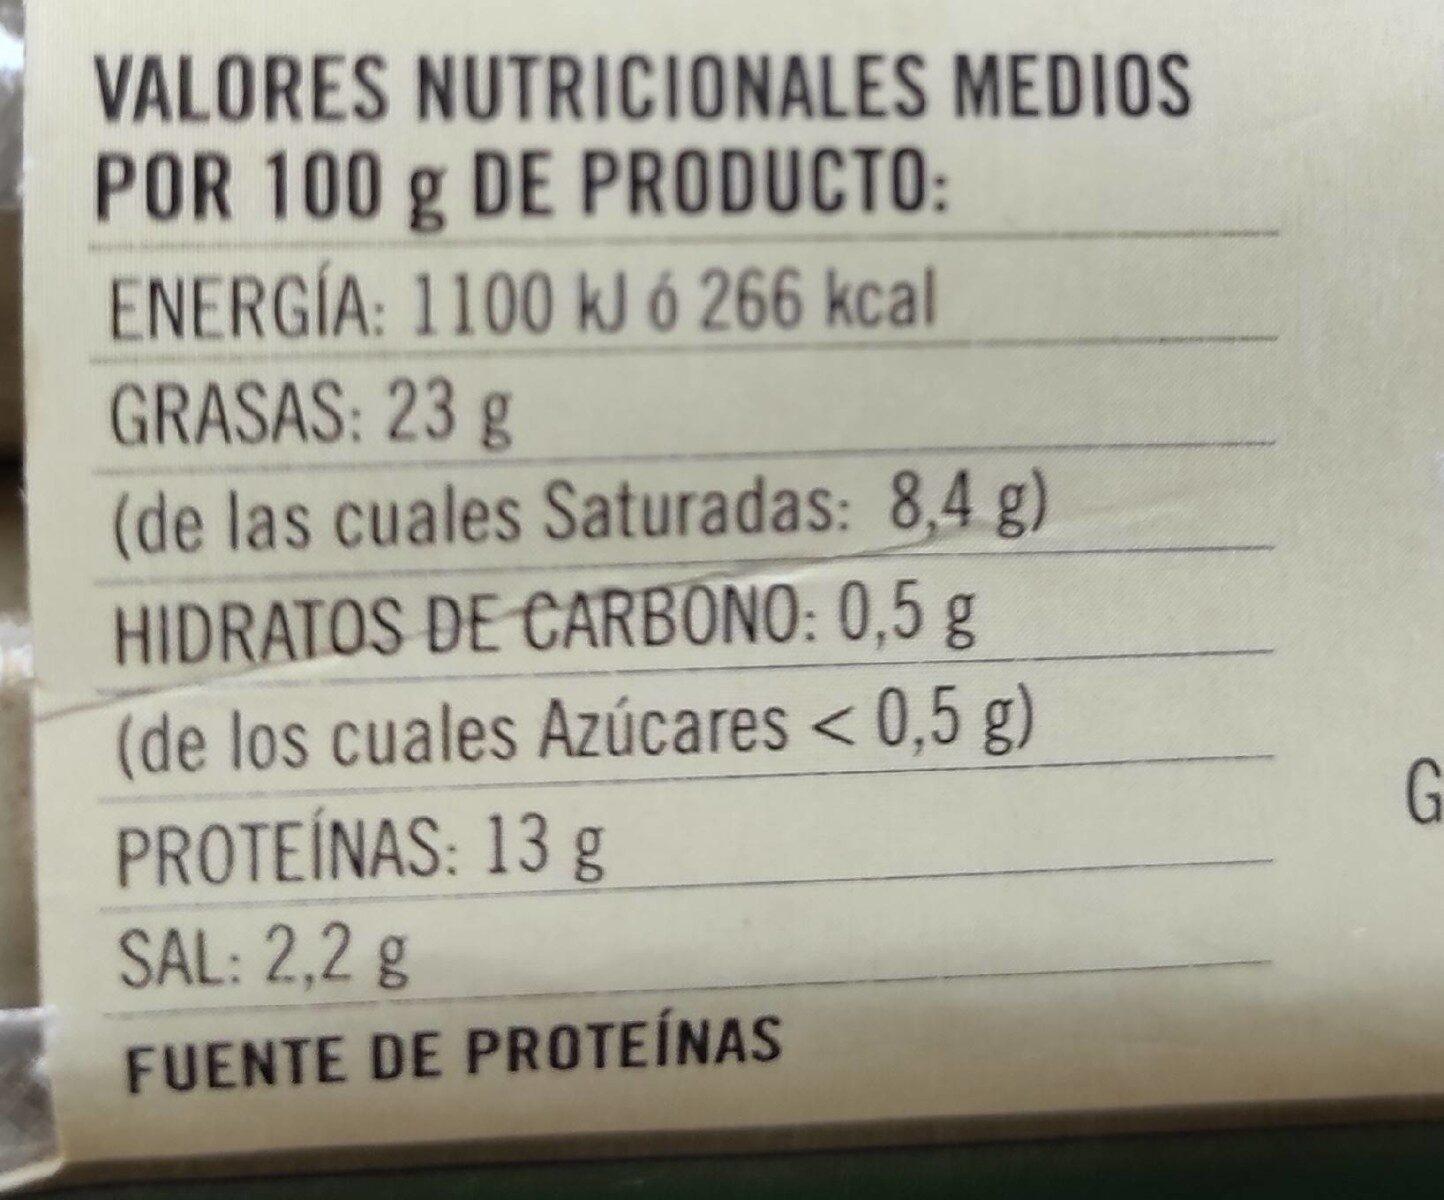 Salchichas bratwurst de cerdo sin gluten sin lactosa - Informació nutricional - es